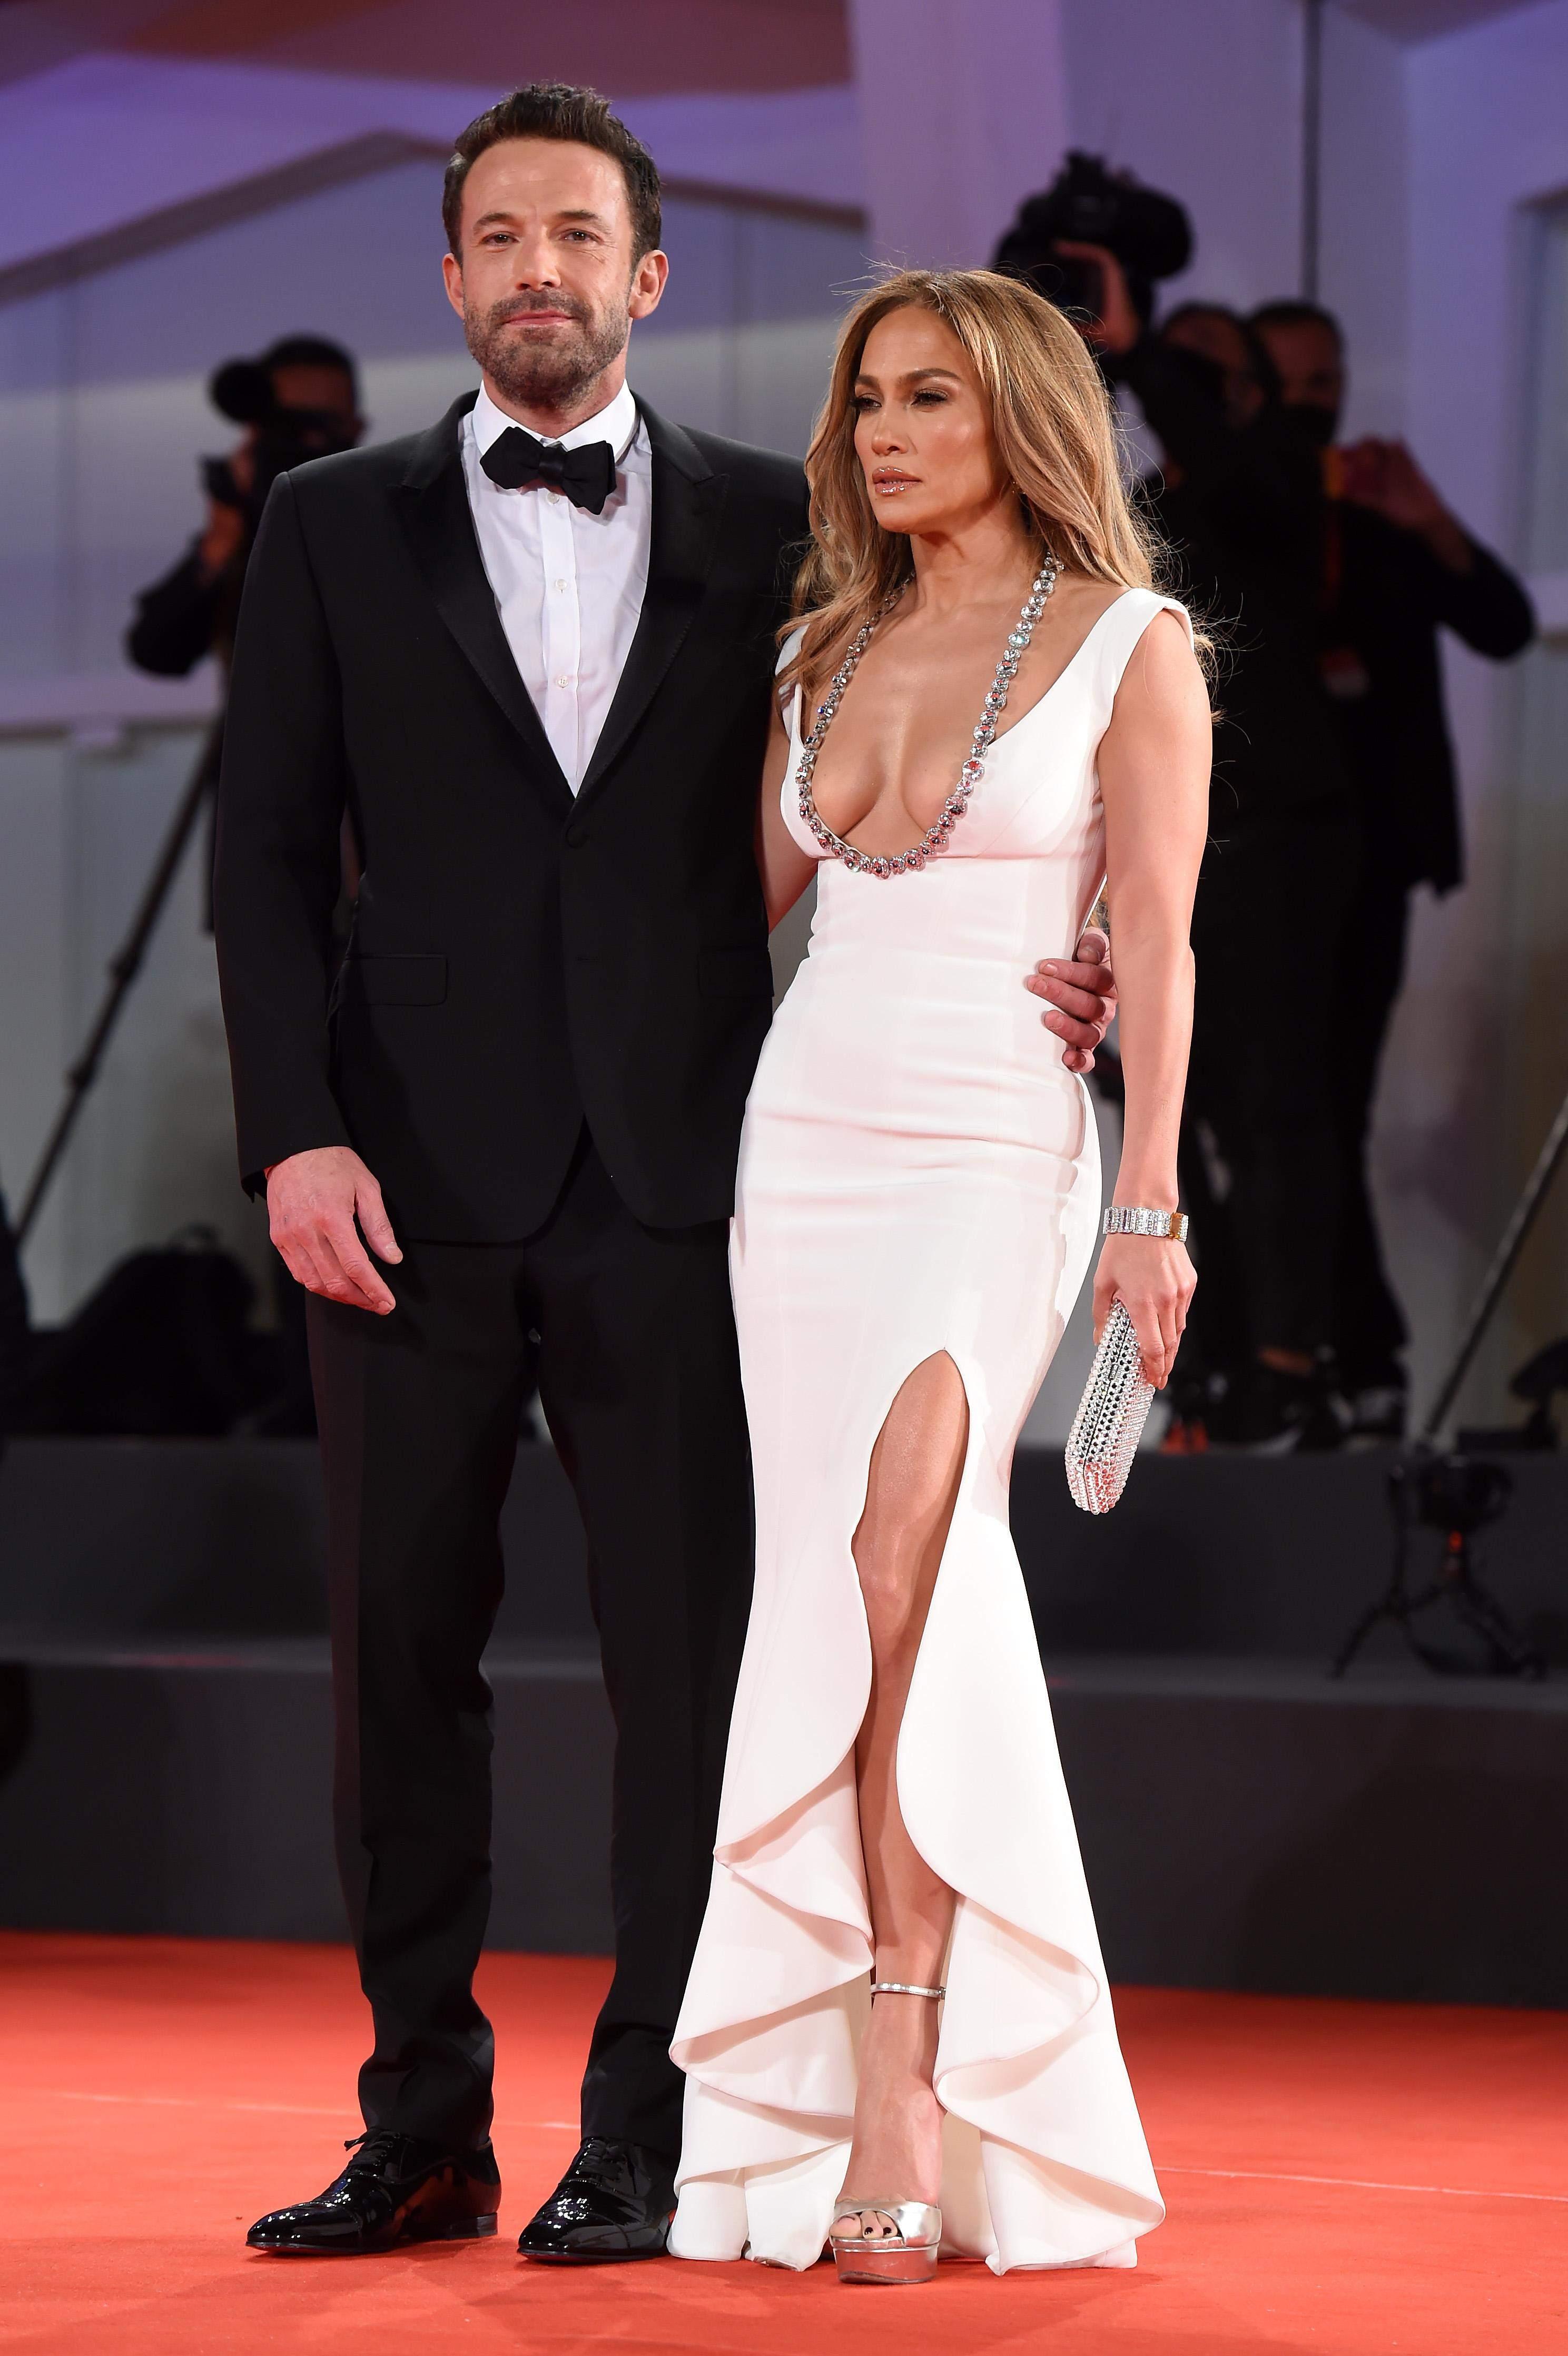 Дженніфер Лопес і Бен Аффлек на Венеційському кінофестивалі